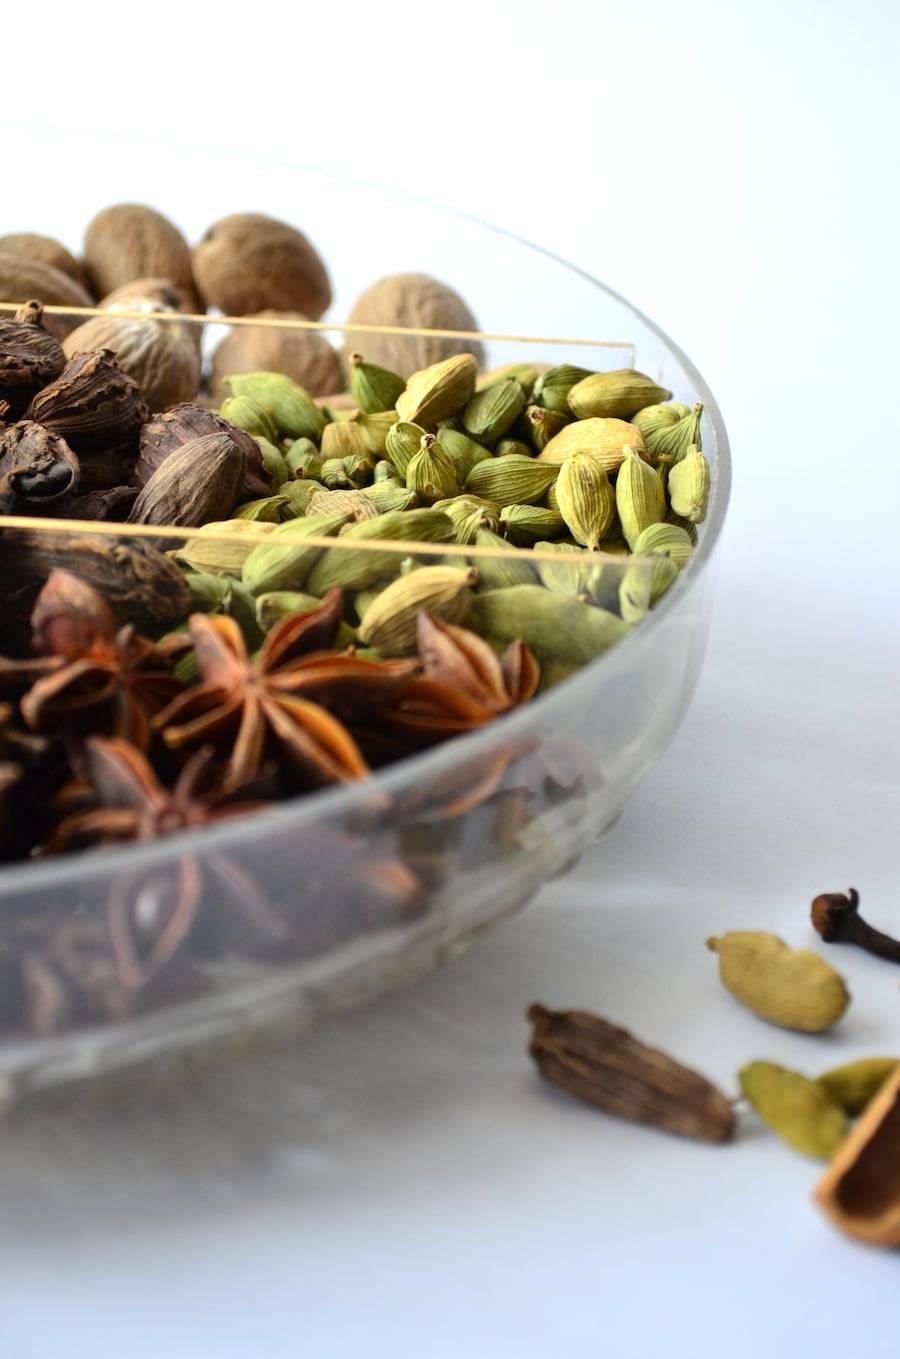 Кардамон - полезные свойства и противопоказания, применение в кулинарии и народной медицине